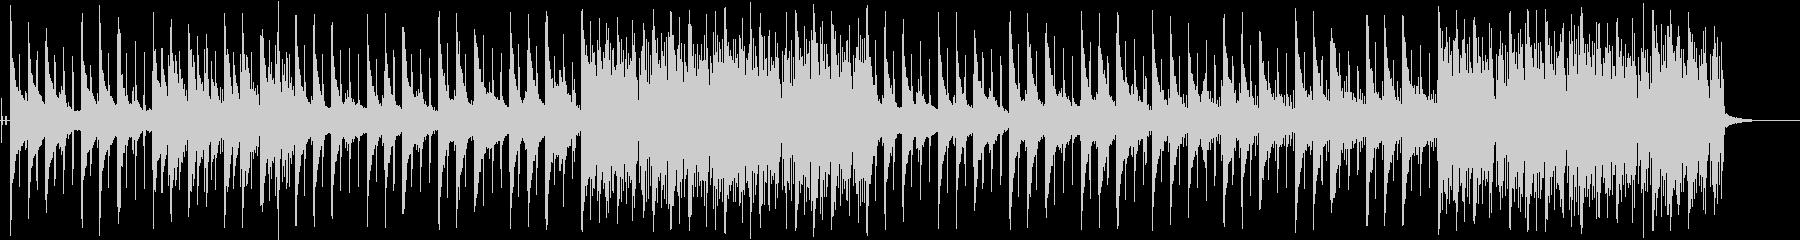 チルアウト、lofiの未再生の波形